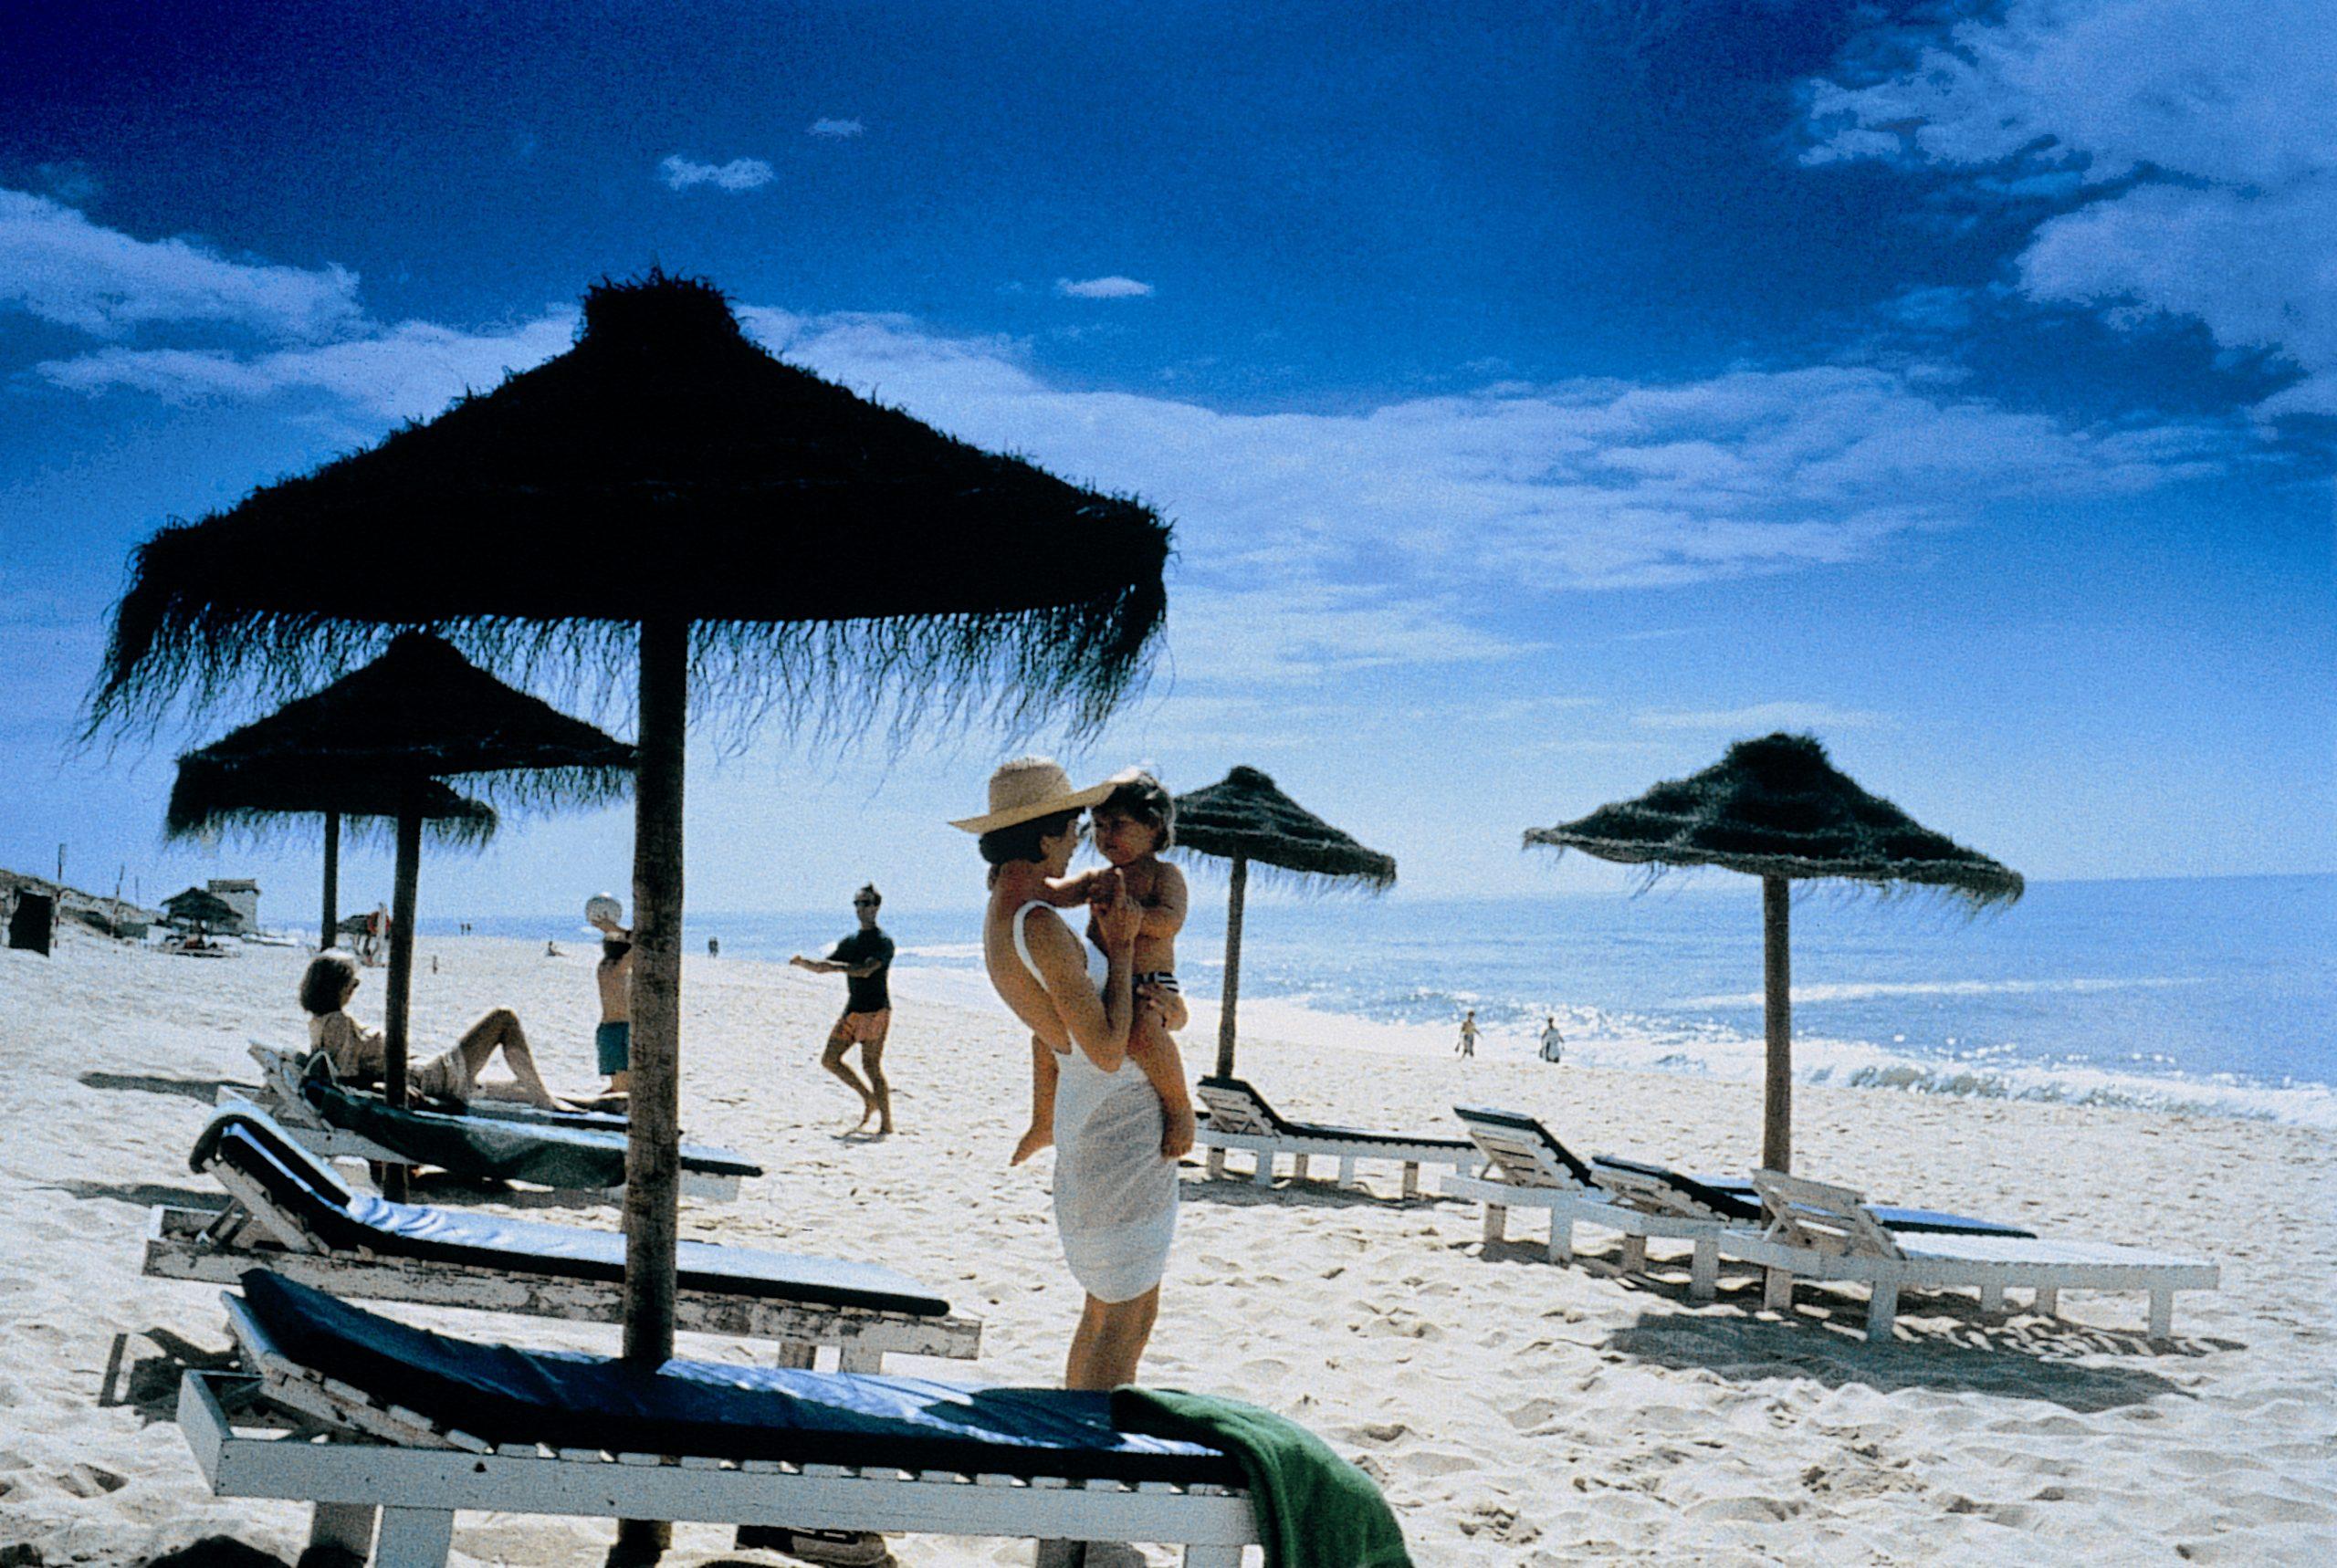 Portugal vil sætte øge turbo på bæredygtighed indenfor turismen. Her arkivfoto fra Algarve-kysten med Hotel Quinta do Lago, Visit Portugal.